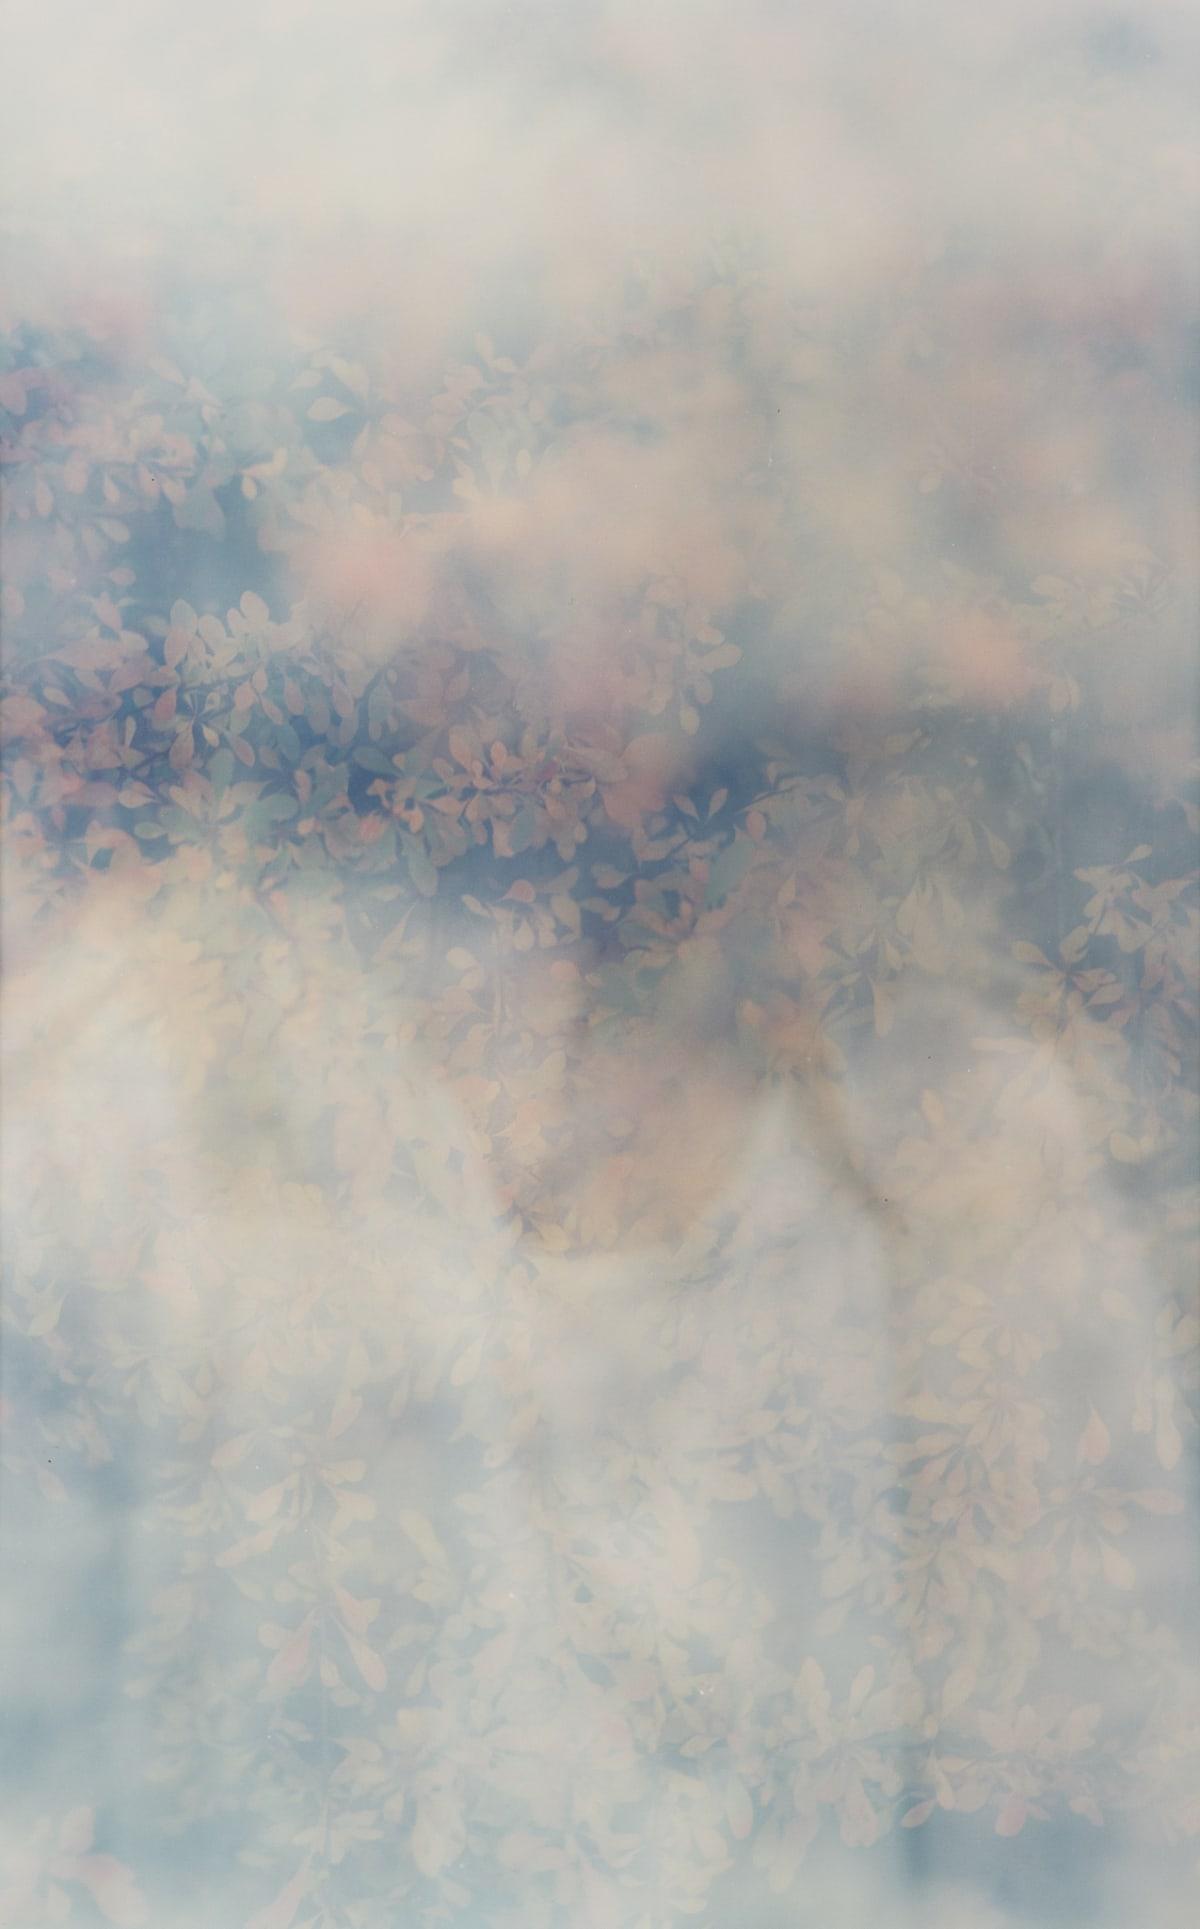 Erle M. Kyllingmark, Untitled Journey #8, 2018